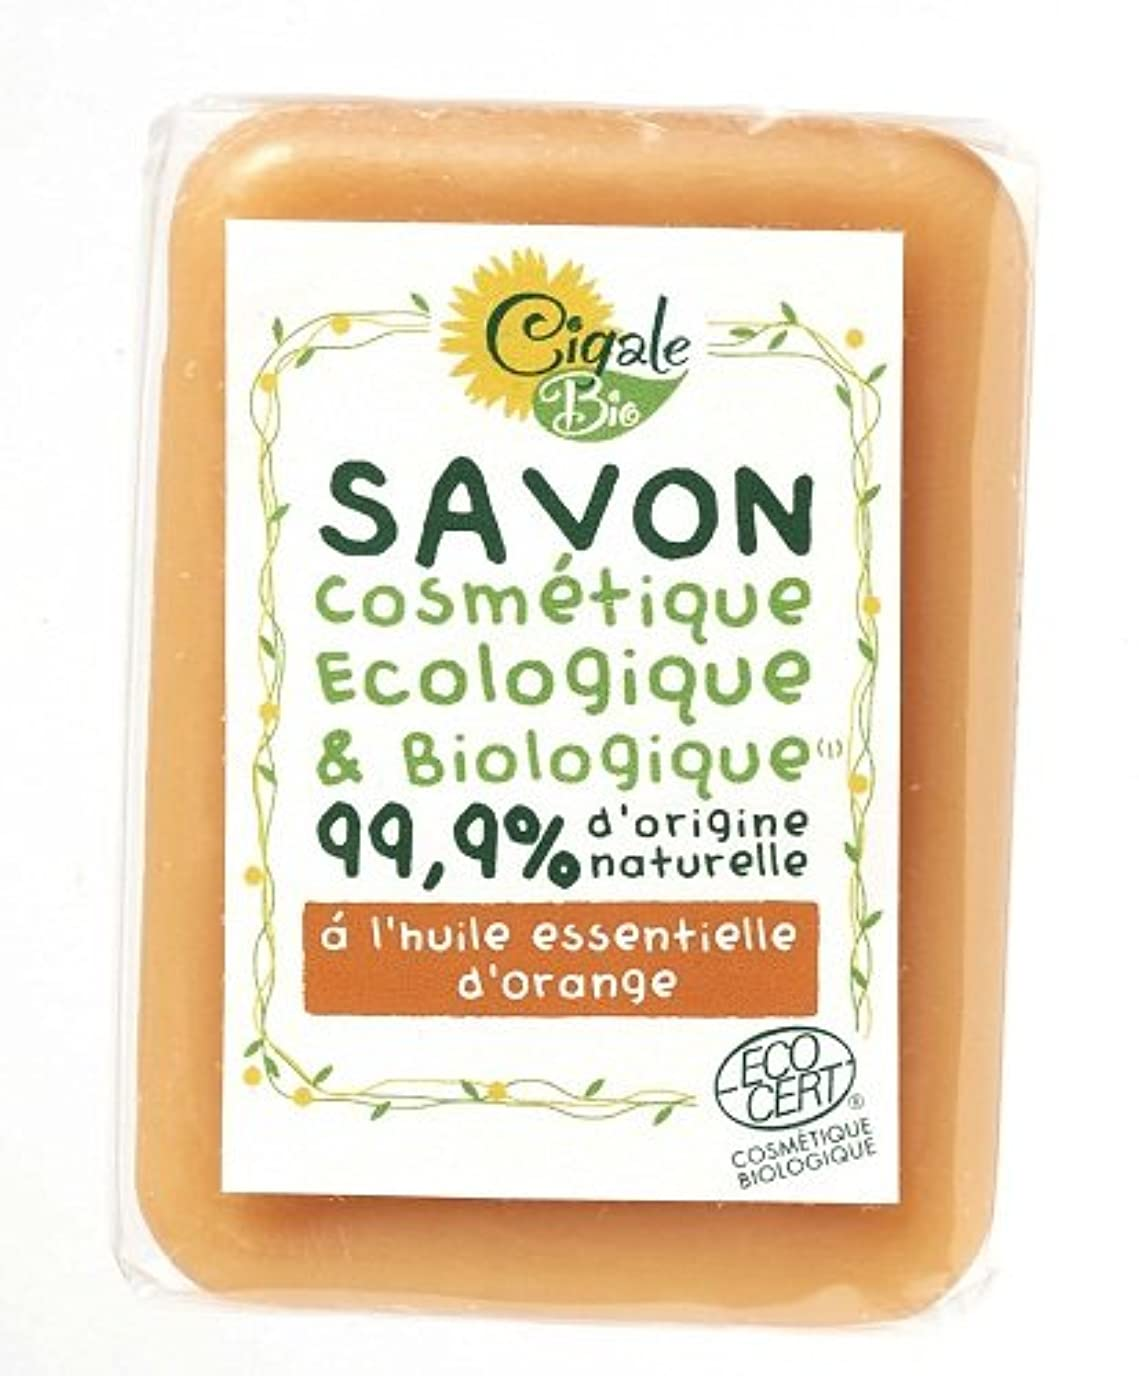 万歳スペイン語あなたはシガールビオ オーガニックソープ オレンジ